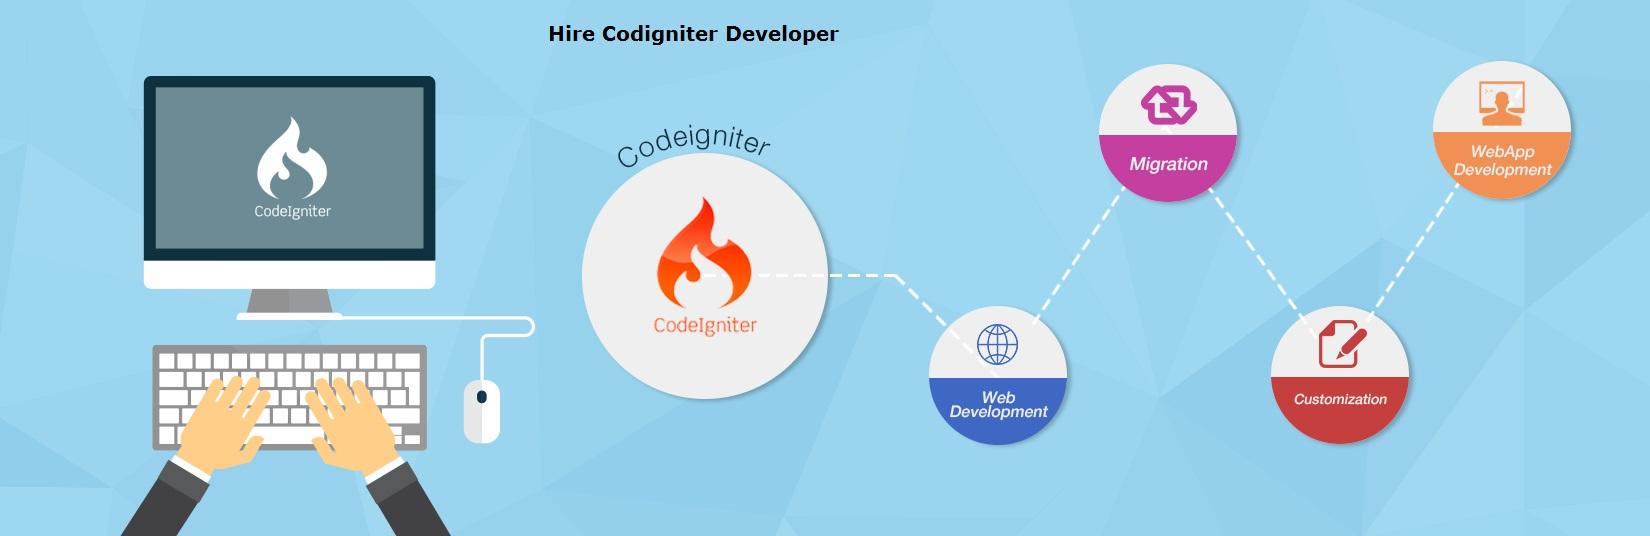 hire codeigniter developer india